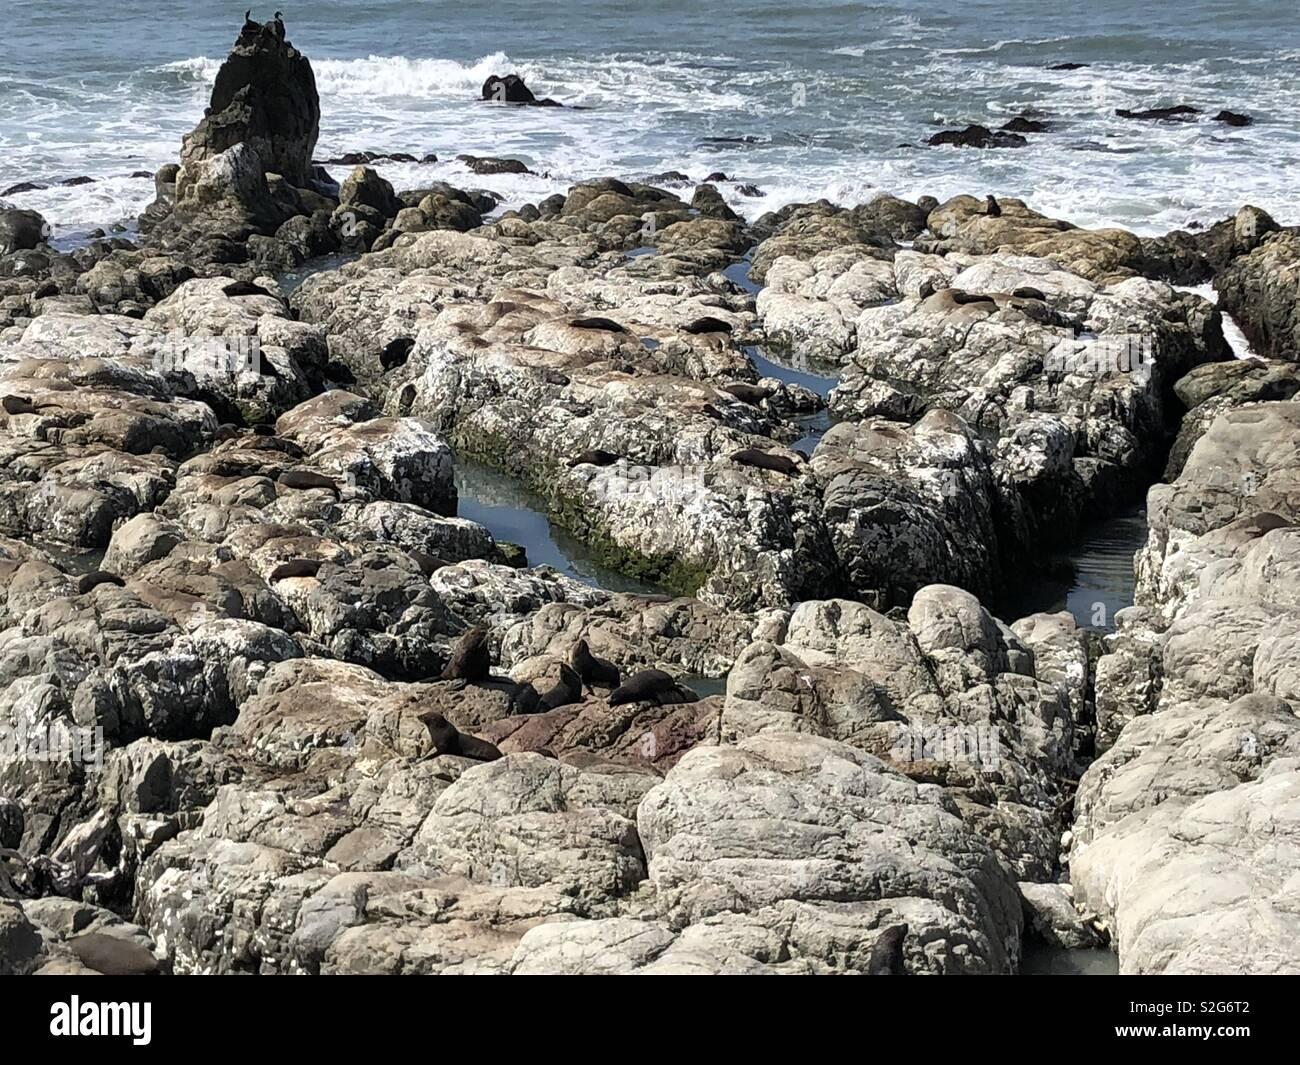 Seal Colony off SH1 Kaikora, New Zealand - Stock Image